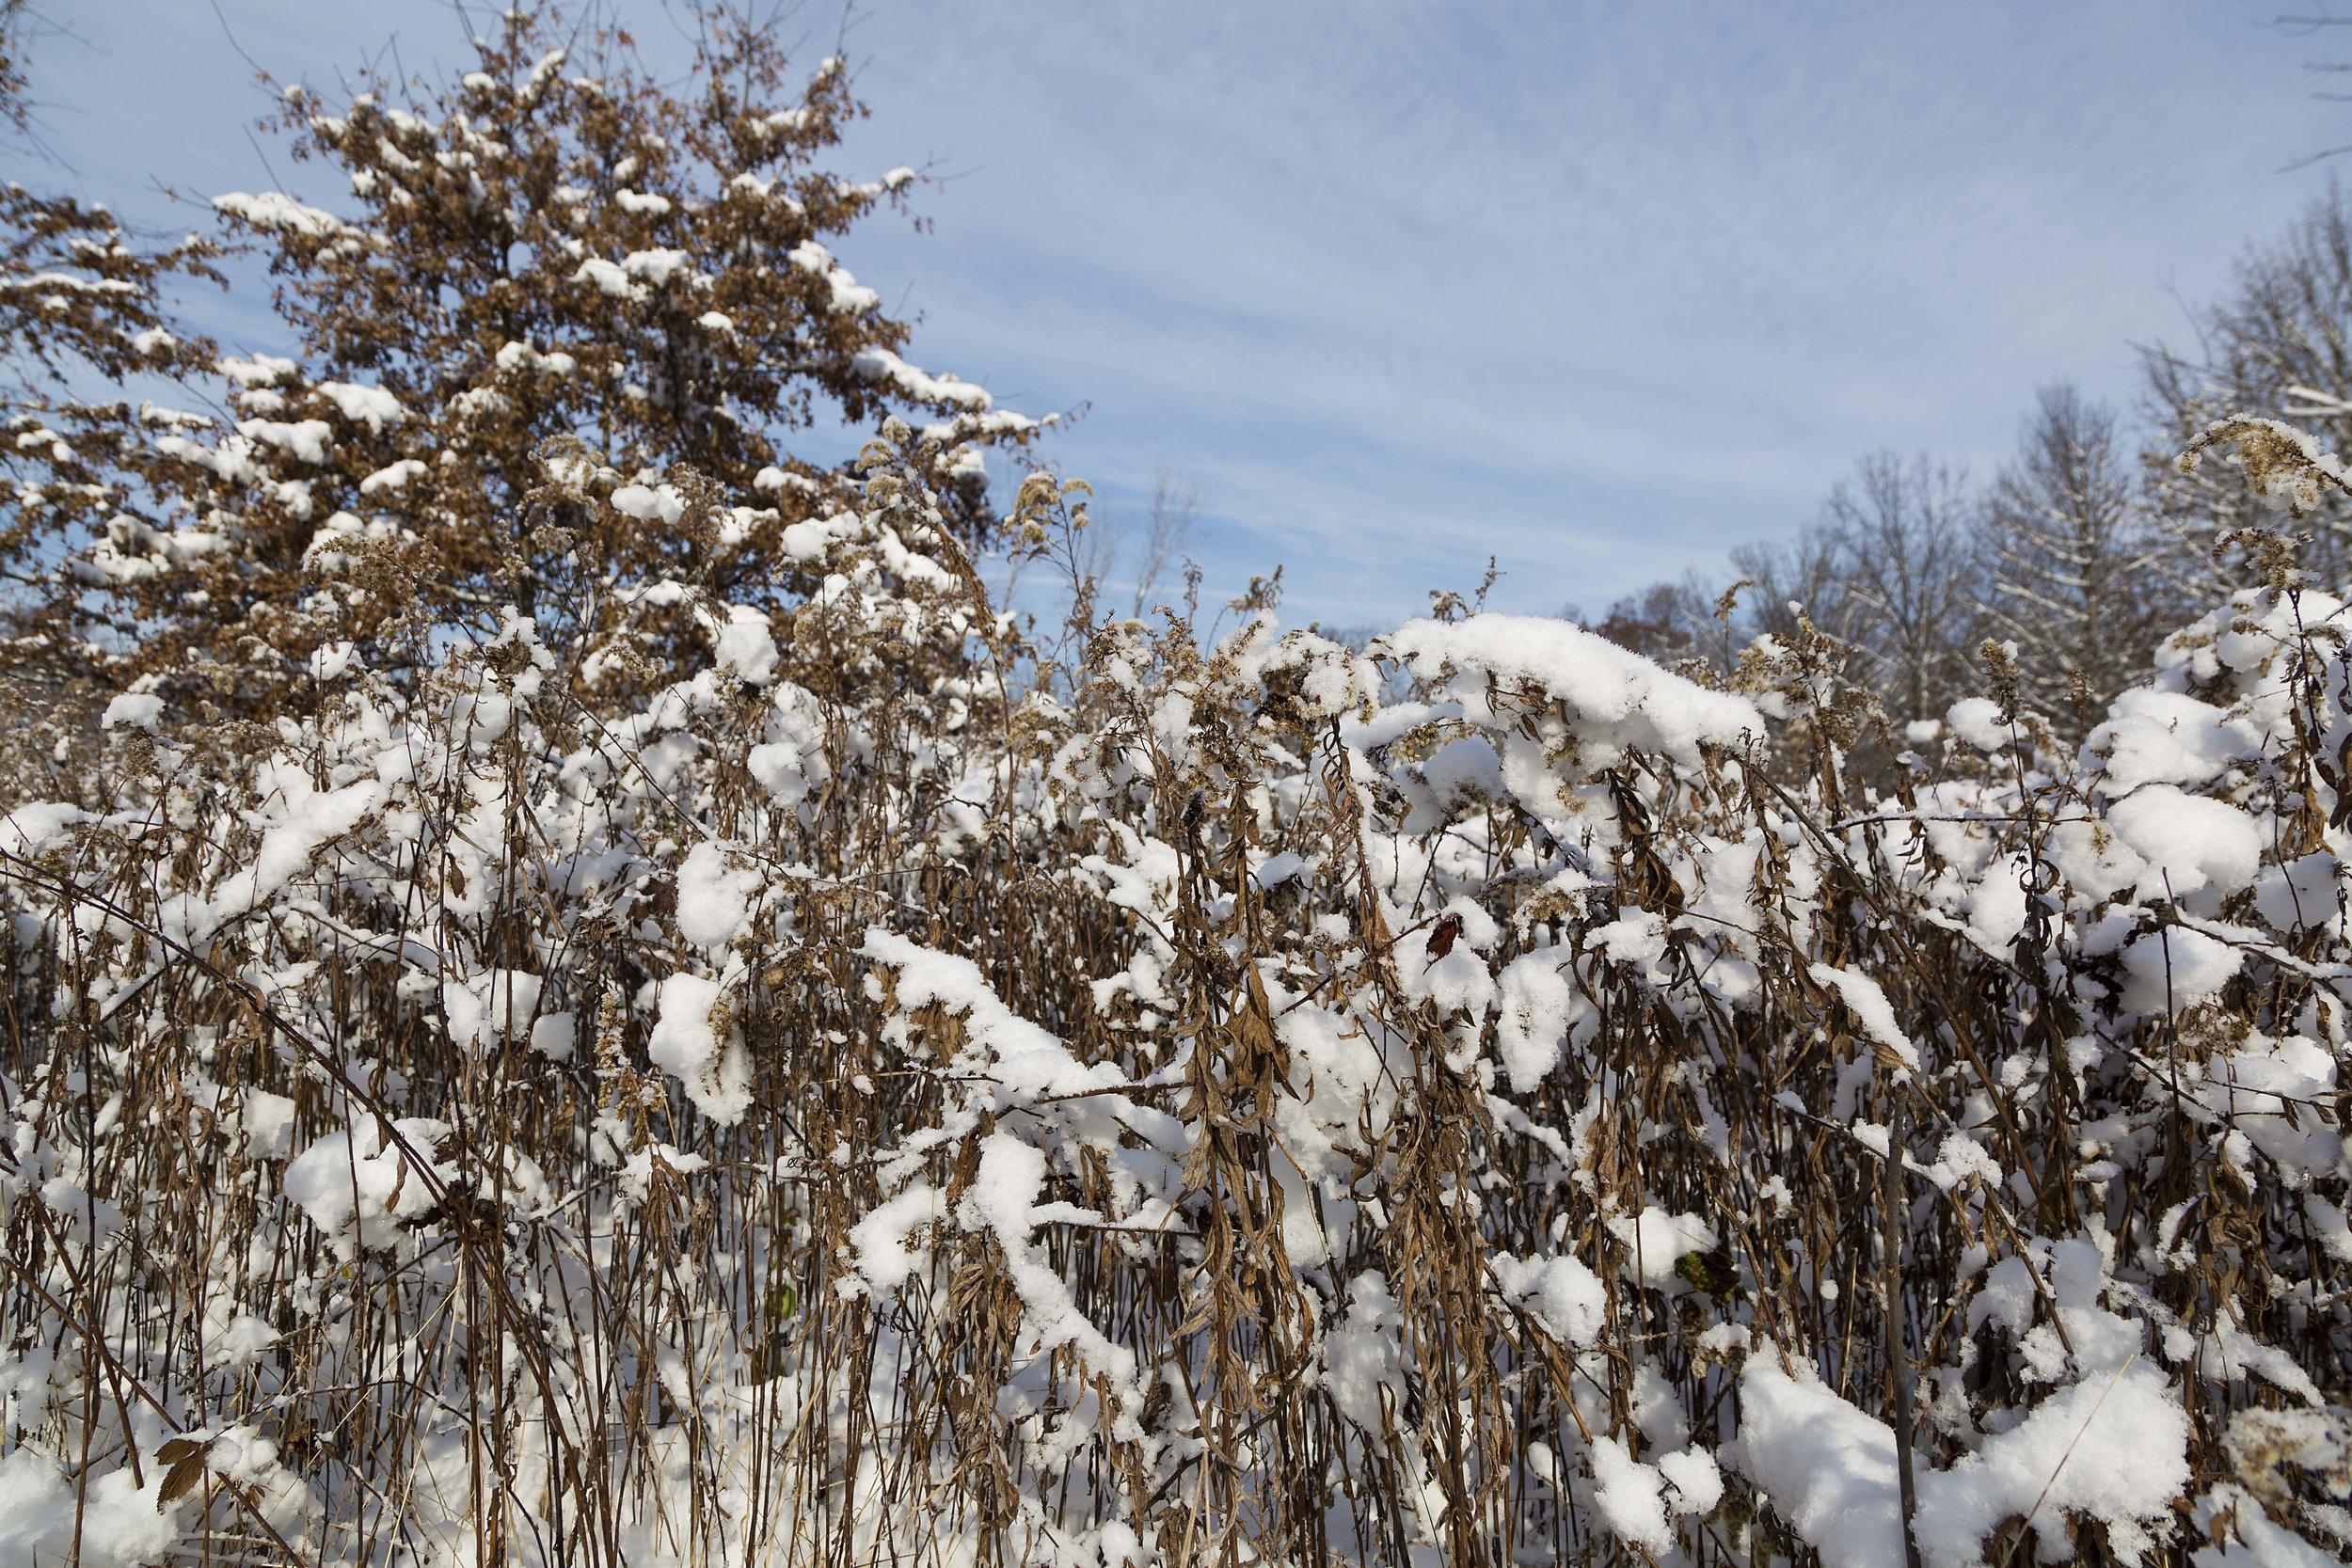 Blendon snow 2106 6.jpg